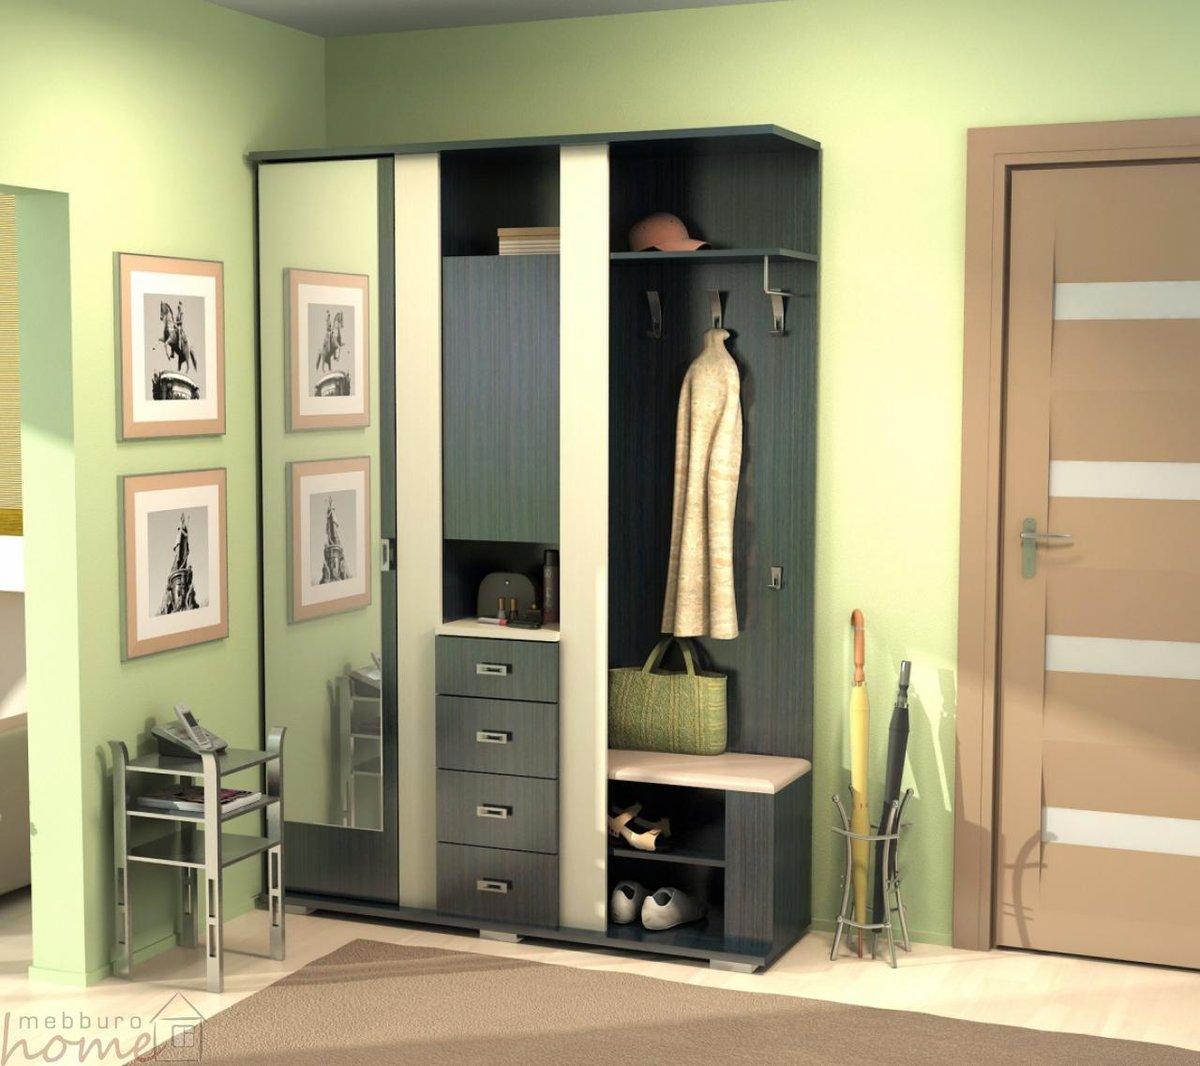 Вешалка - удачная альтернатива шкафу-купе для узкой прихожей.